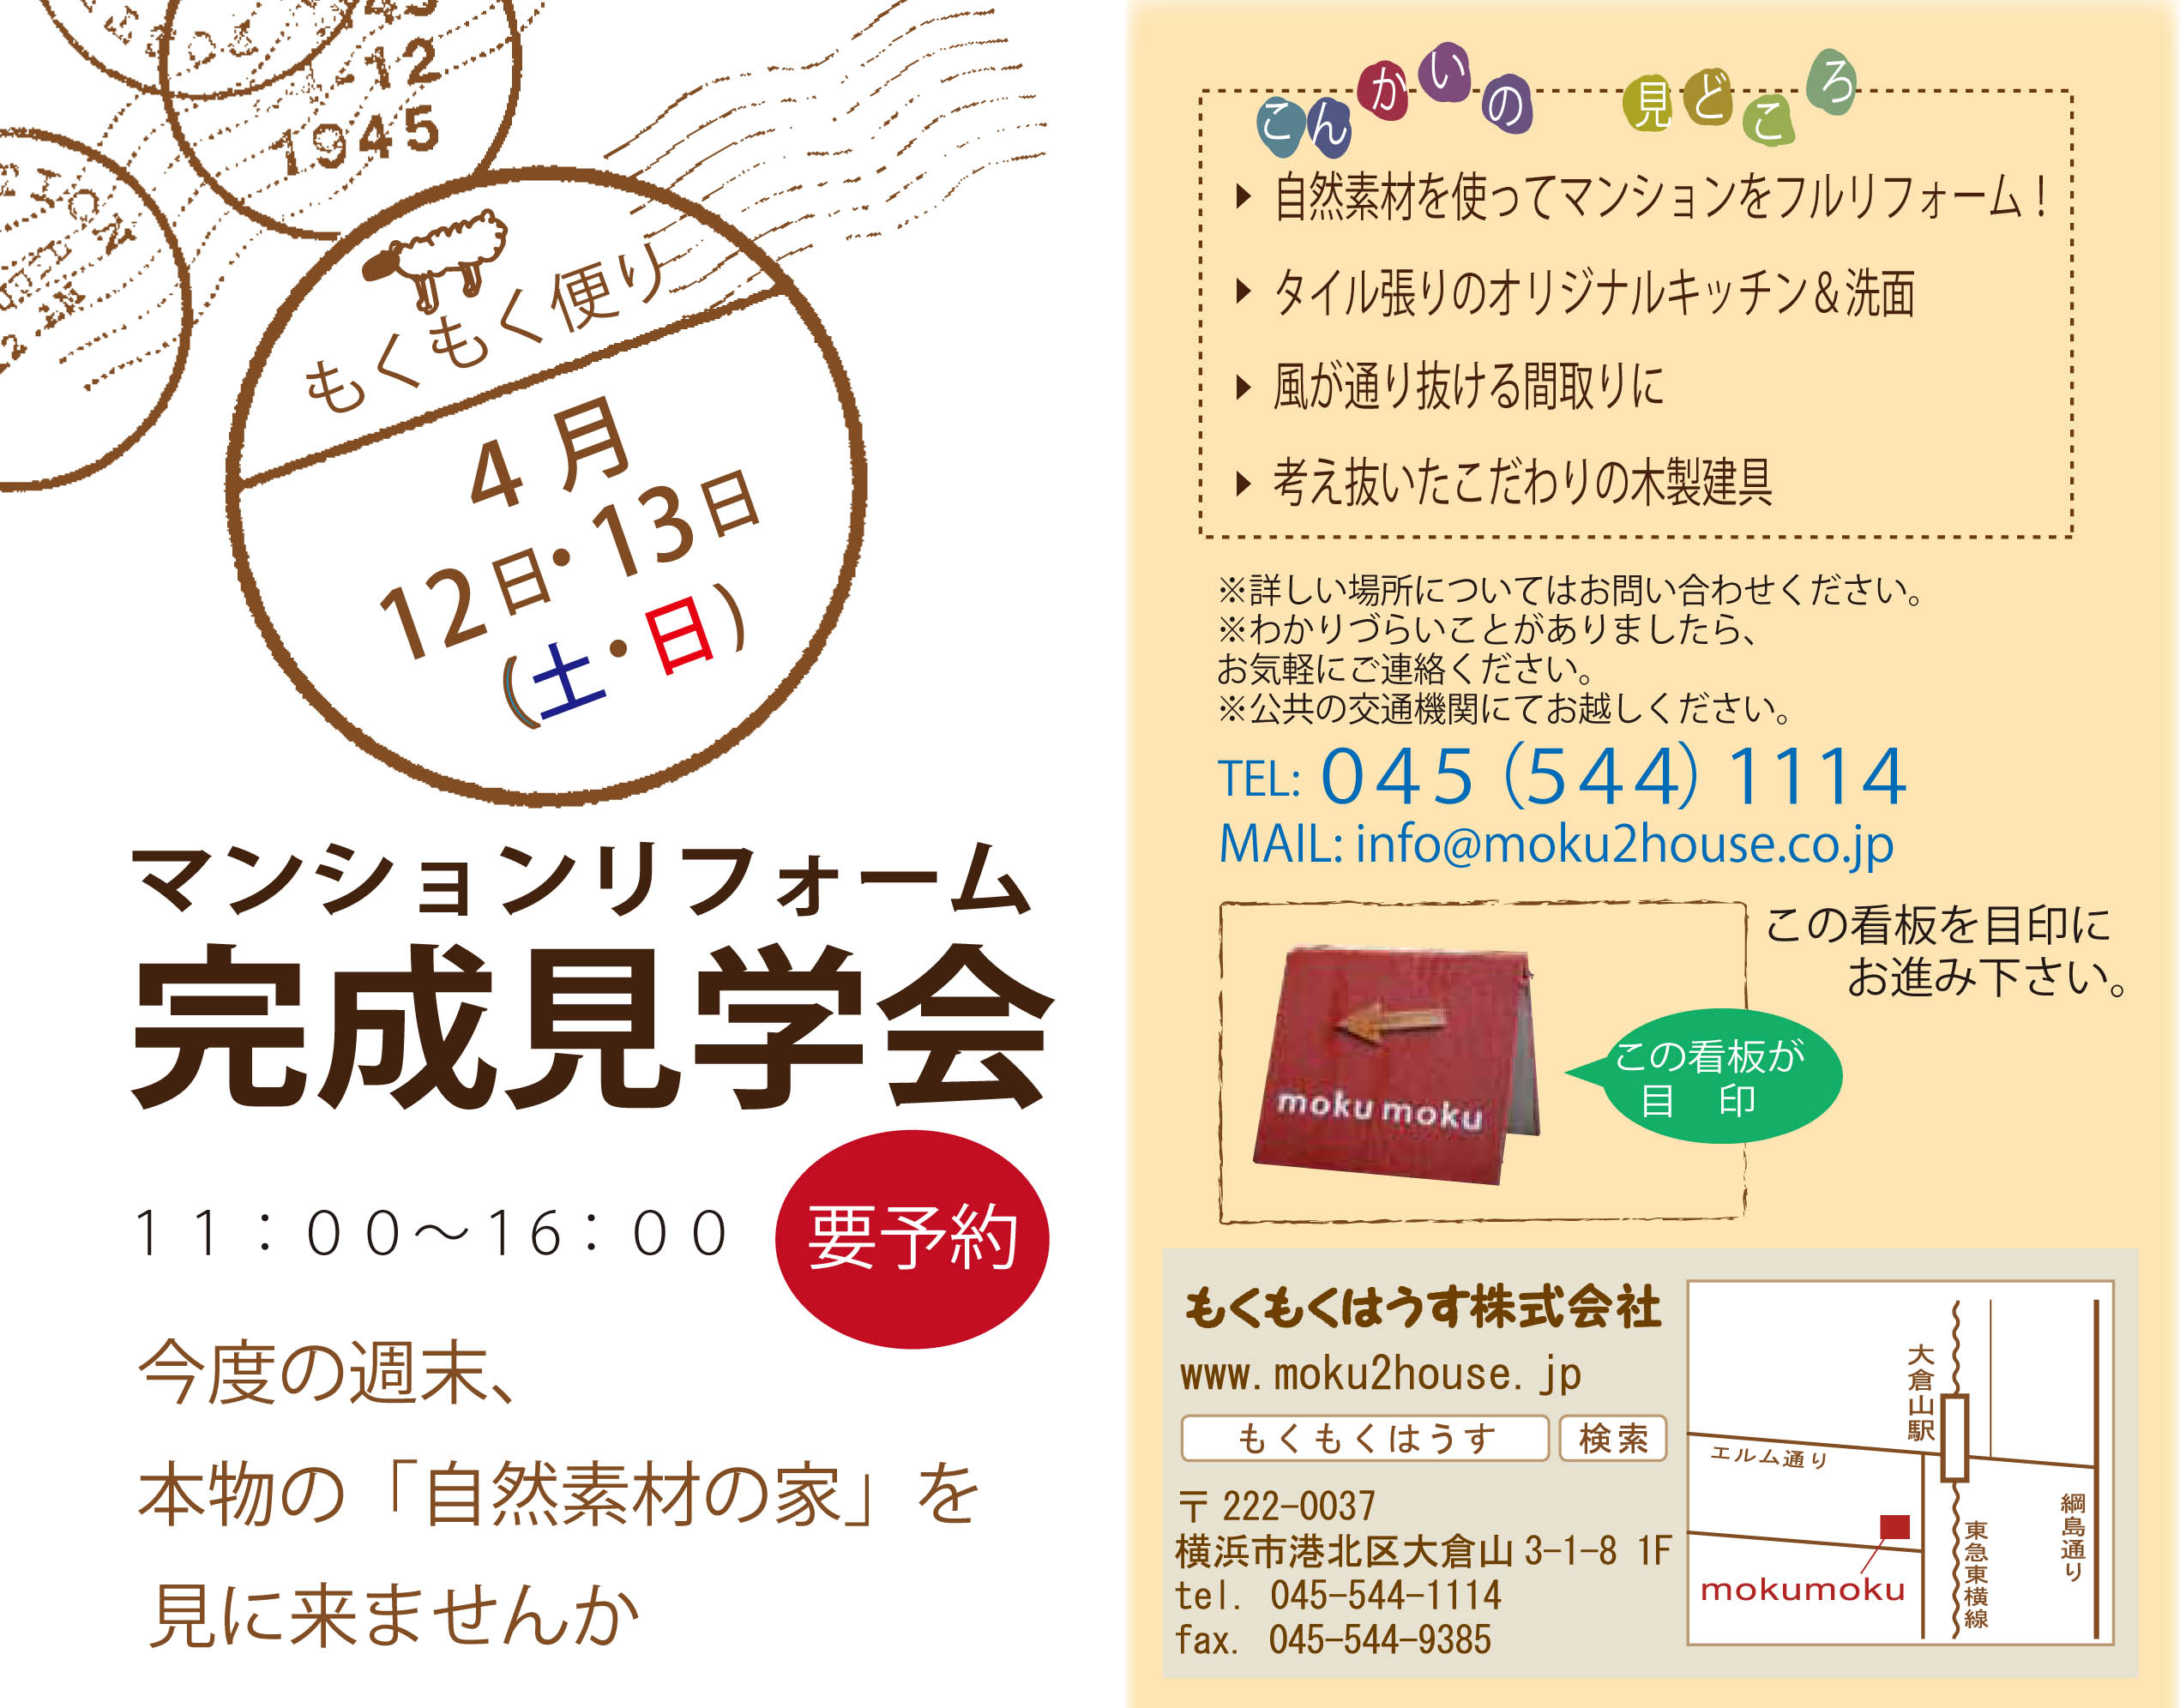 H26.4.12(土)13(日)マンションリフォーム見学会